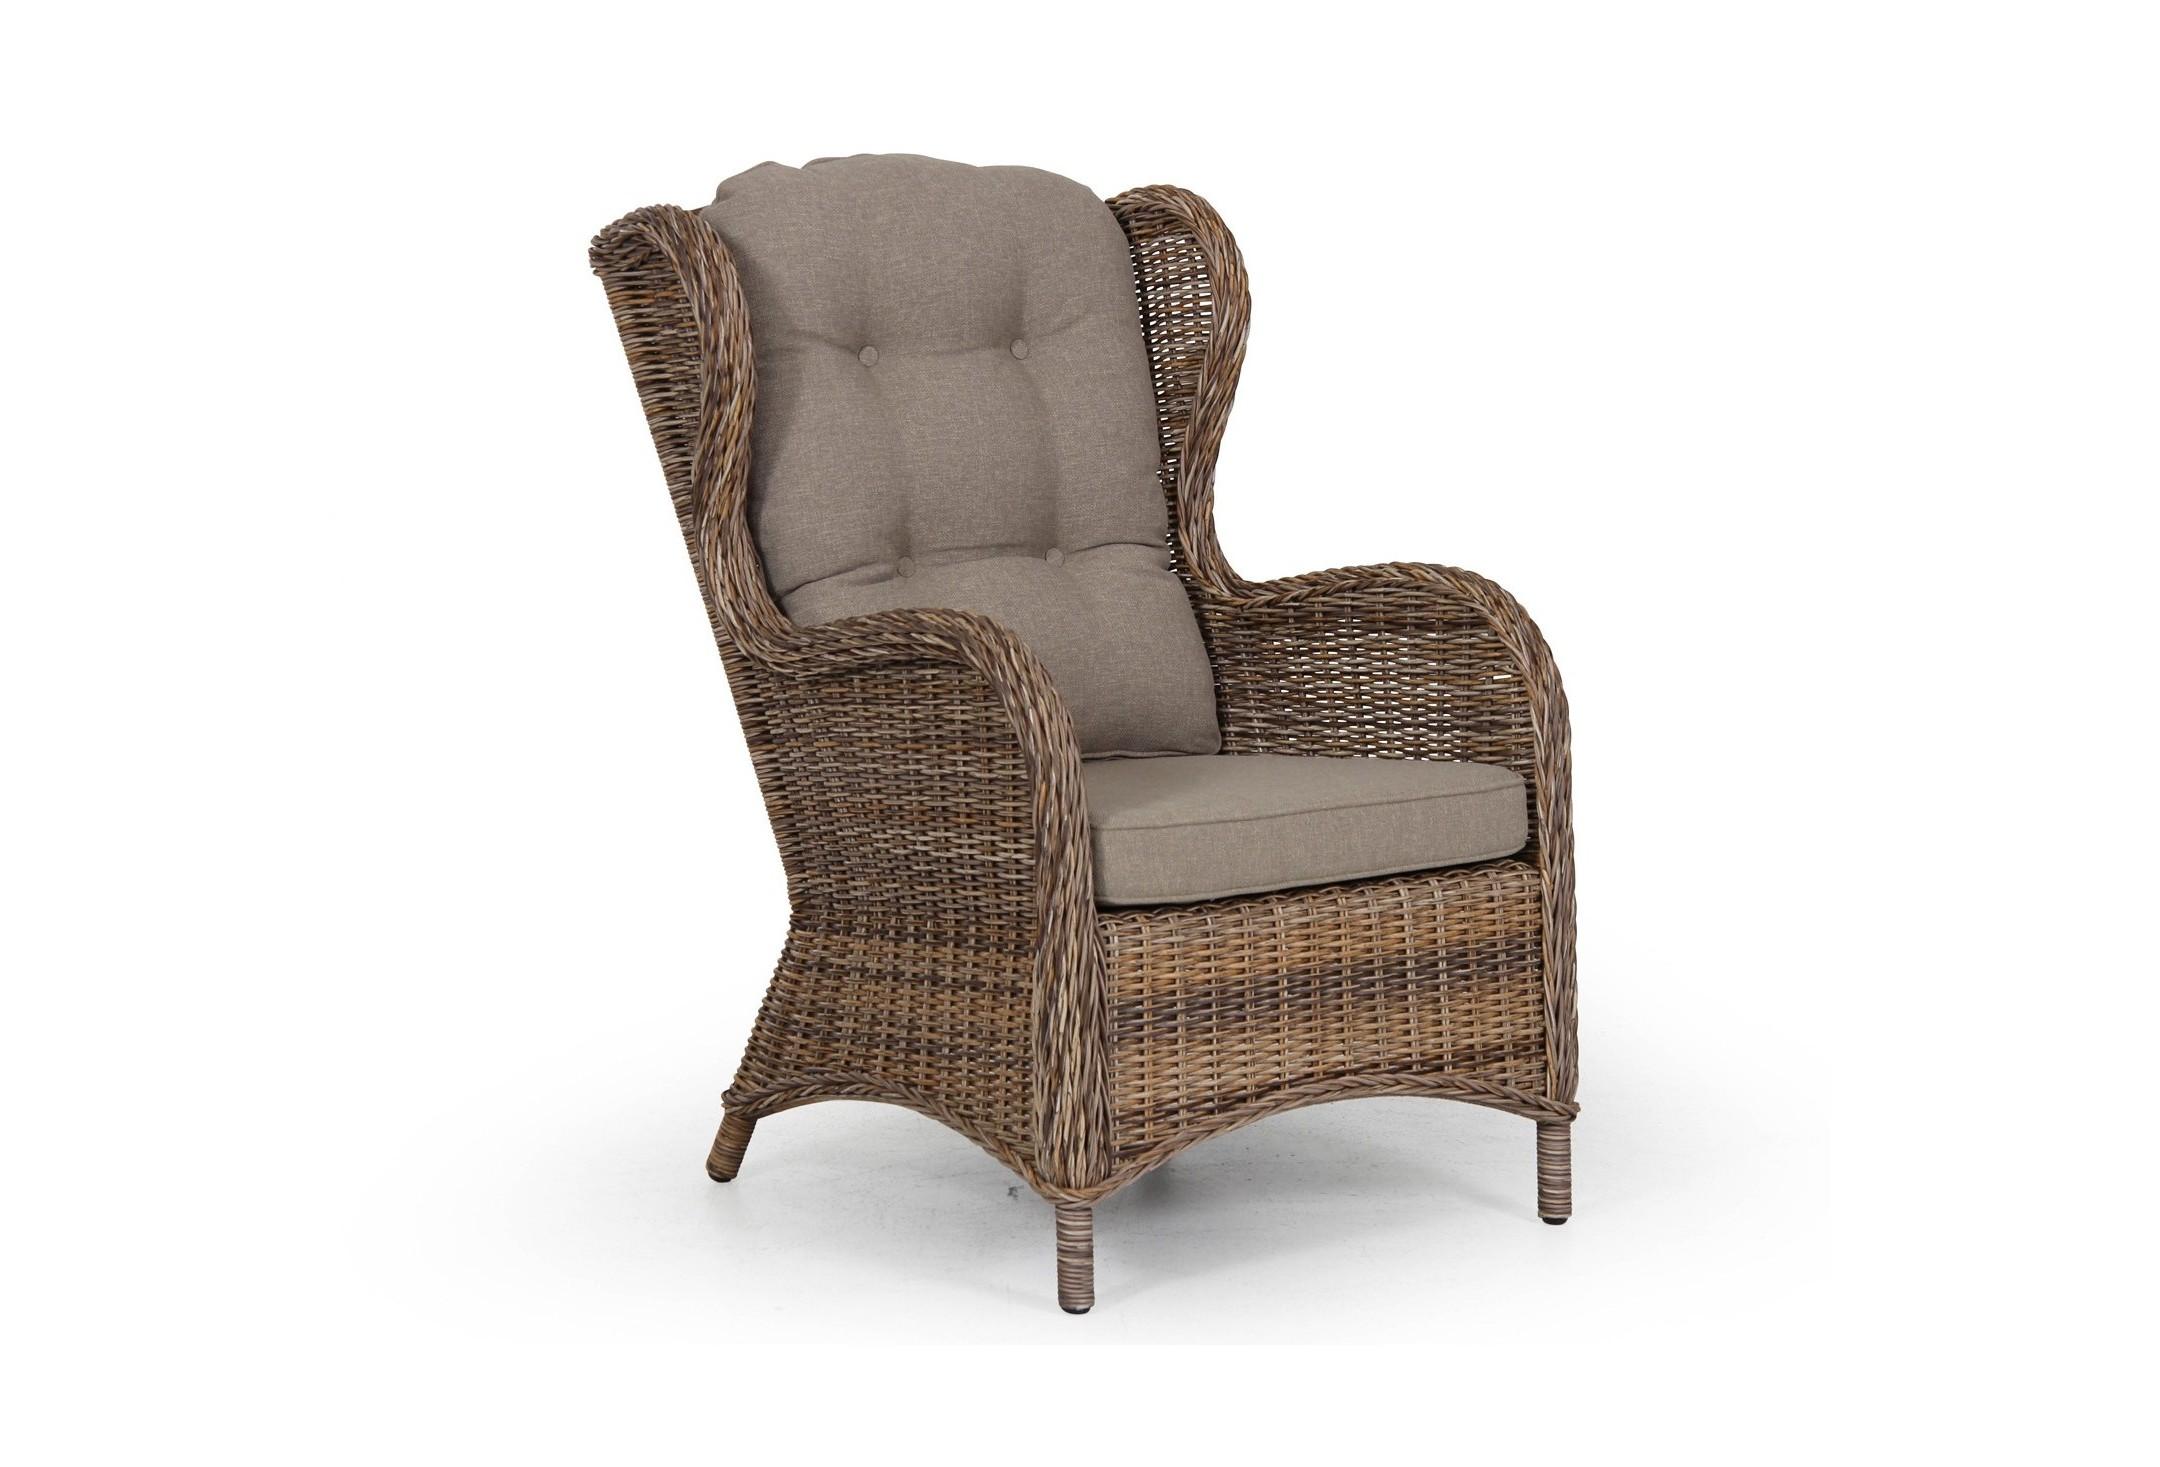 Подушка для кресла EvitaКресла для сада<br>Подушка Evita выполнена из материала олефина. Середина подушки имеет пуговки. Производится в бело-сером, бежевом, темно-бежевом, сером и черном цвете. Прекрасное дополнение к  креслу Evita. Не требуется сборка. Коллекция мебели Evita<br><br>Material: Текстиль<br>Length см: None<br>Width см: 66<br>Depth см: 61<br>Height см: 102